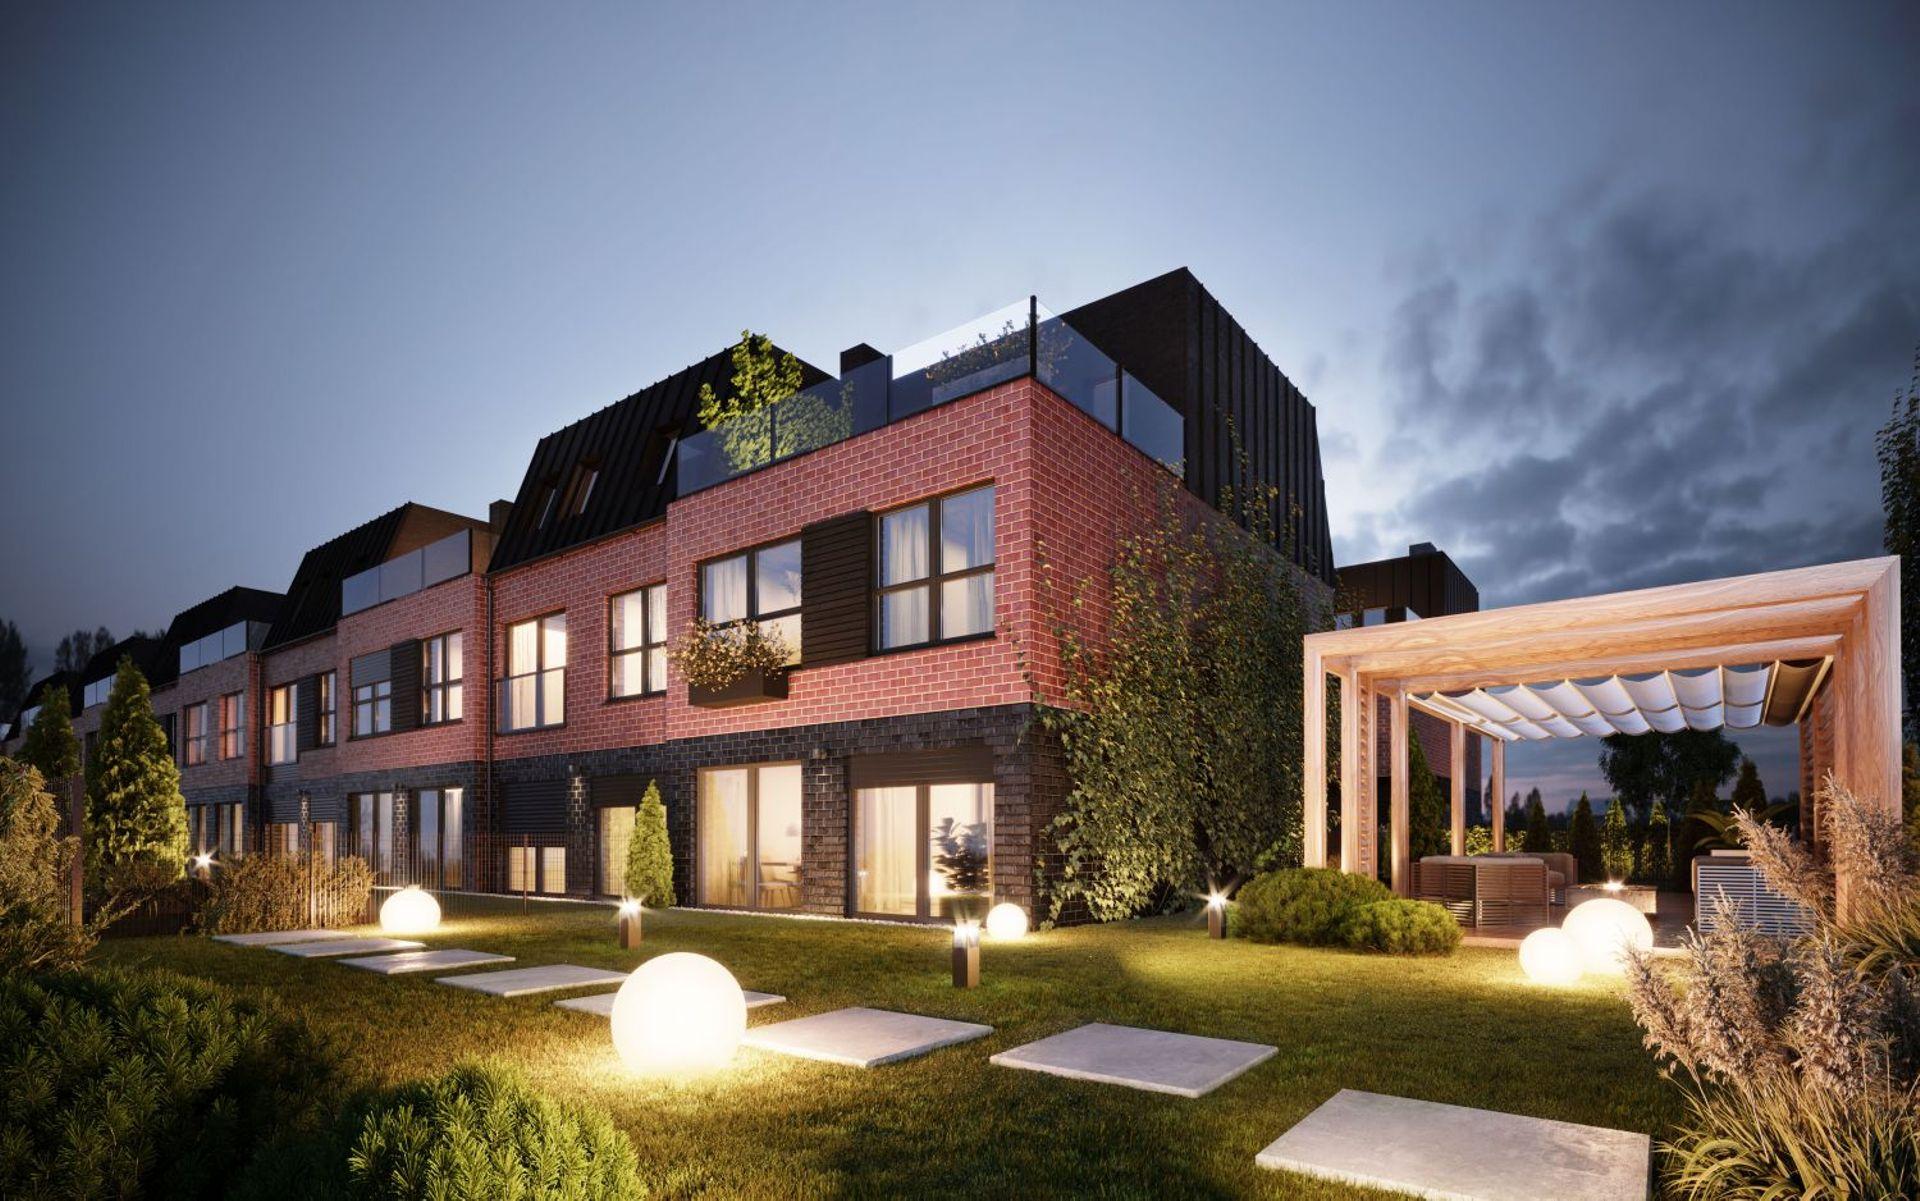 Nowe domy do kupienia! Rusza II etap Potokowa Residence od M3 Invest